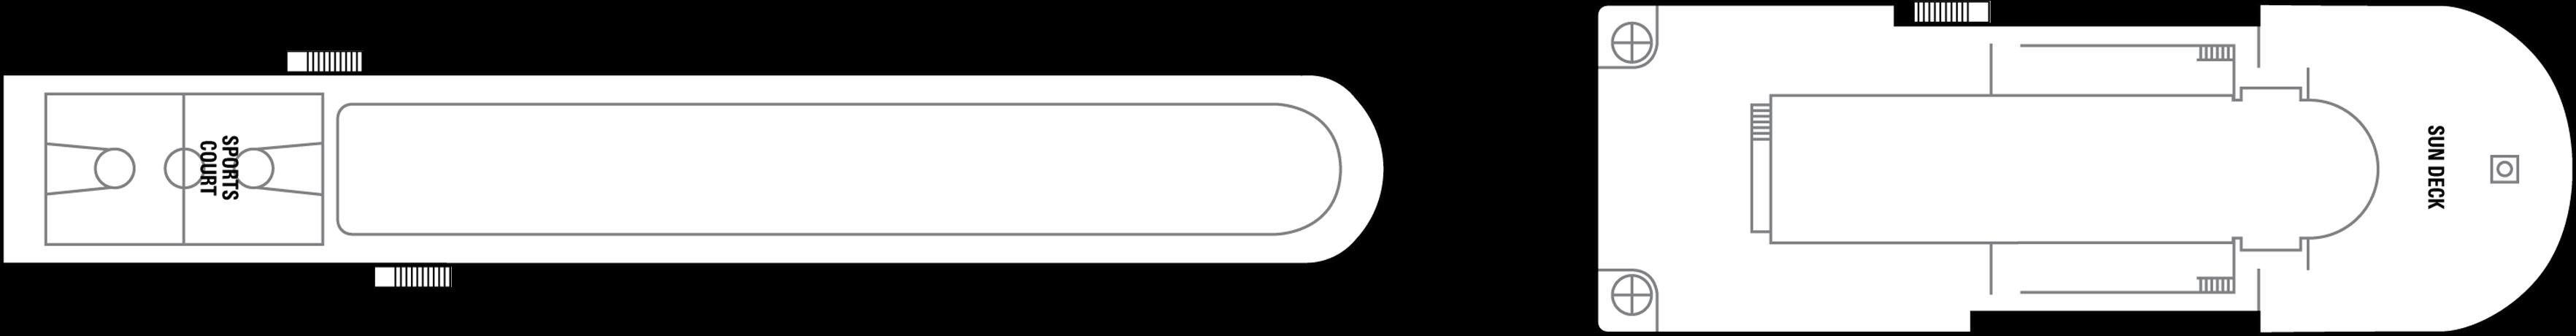 Pride of America-deckplan-Deck 14